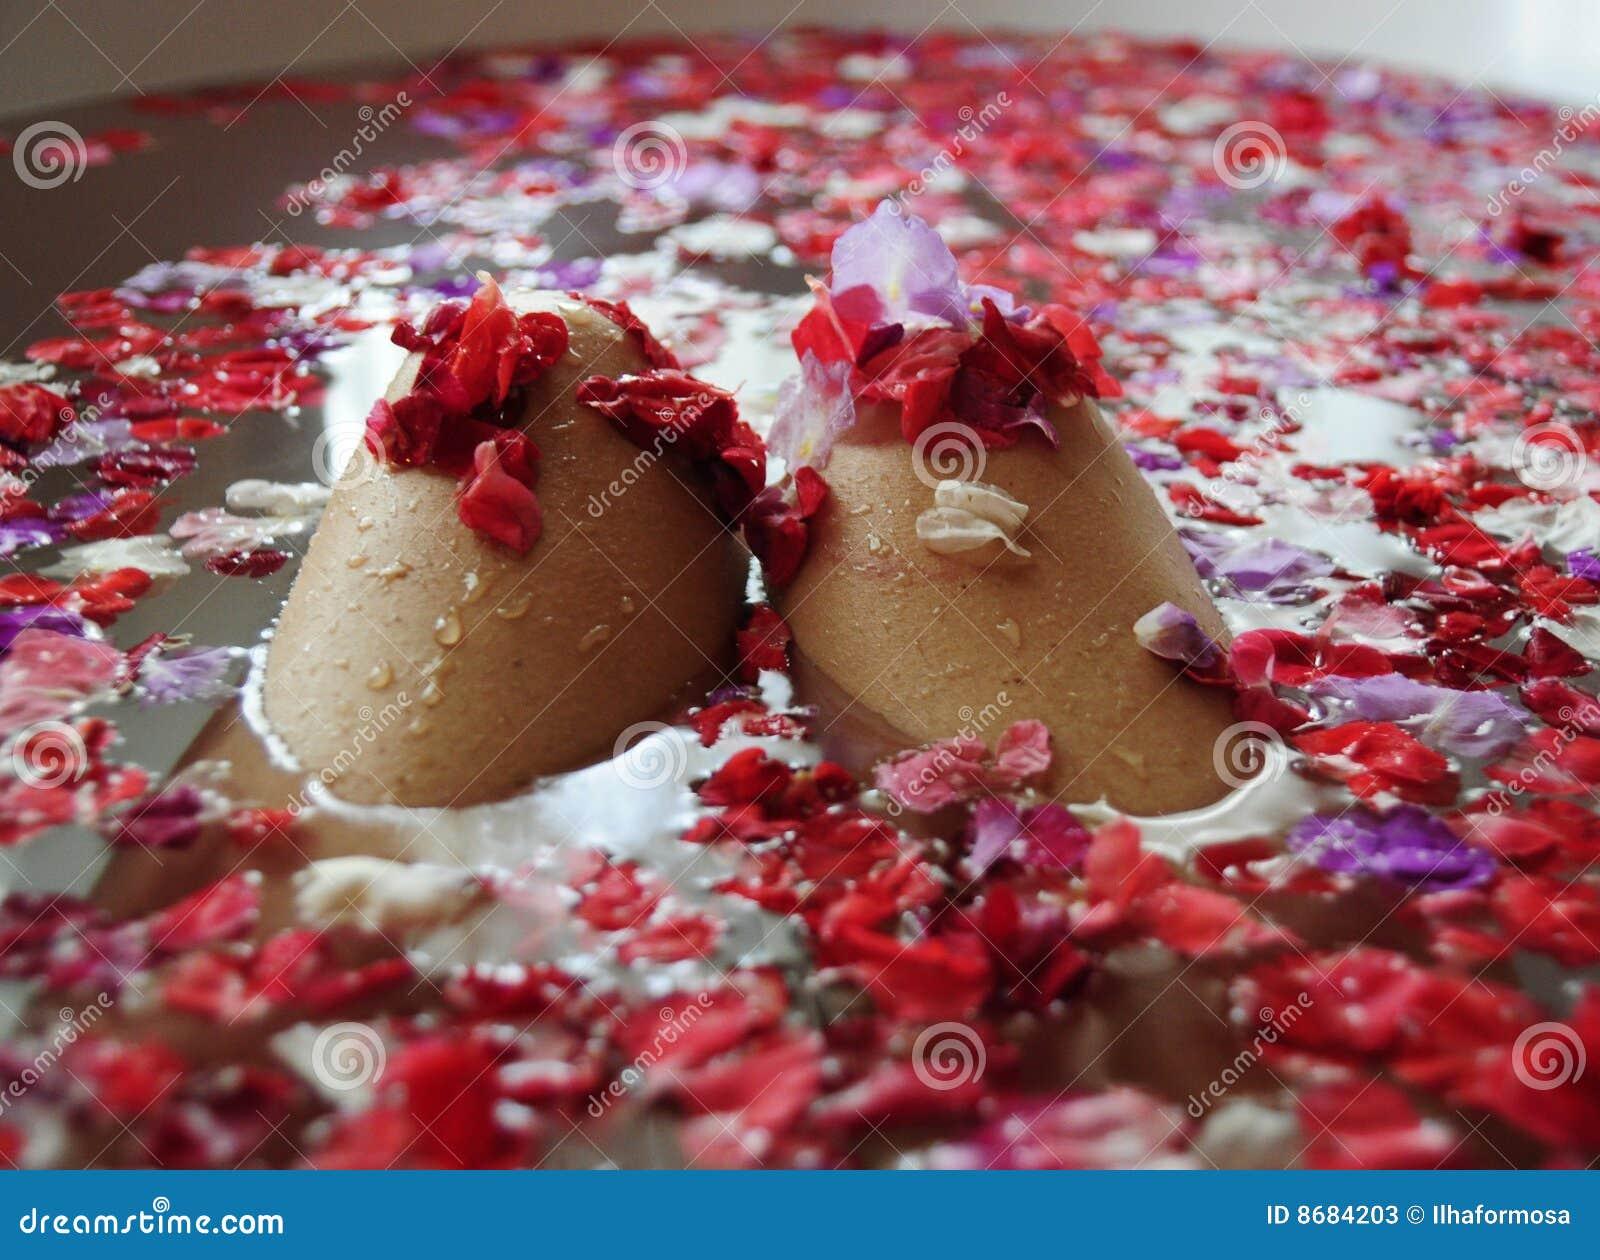 Vasca Da Bagno Rosa : Bagno dei petali di rosa immagine stock immagine di fiori